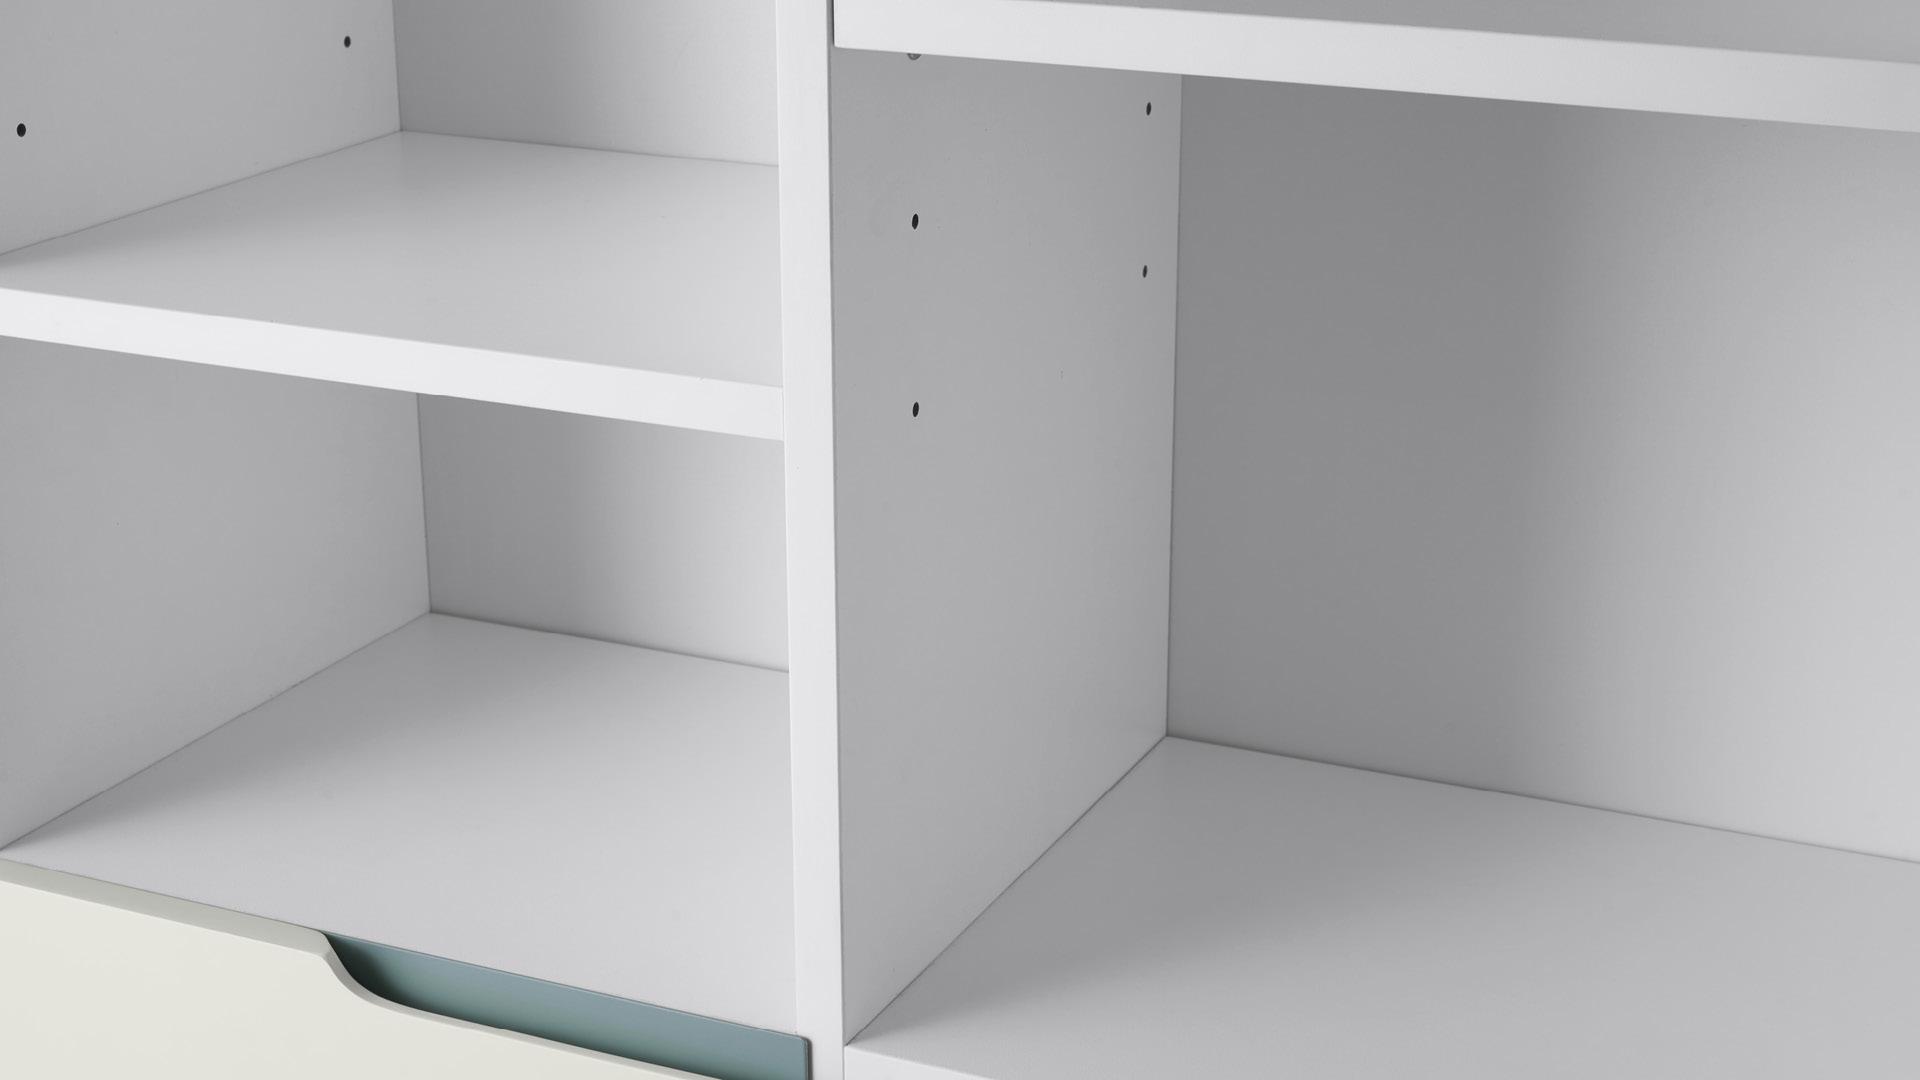 ▲ 在严苛标准要求下,板式柜体全系列都采用精密加工工艺——金属腿孔位连接误差不超过1mm,金属与抽面板误差不超过0.5mm,订制模具研发投入,实现3种材质的绝佳匹配。